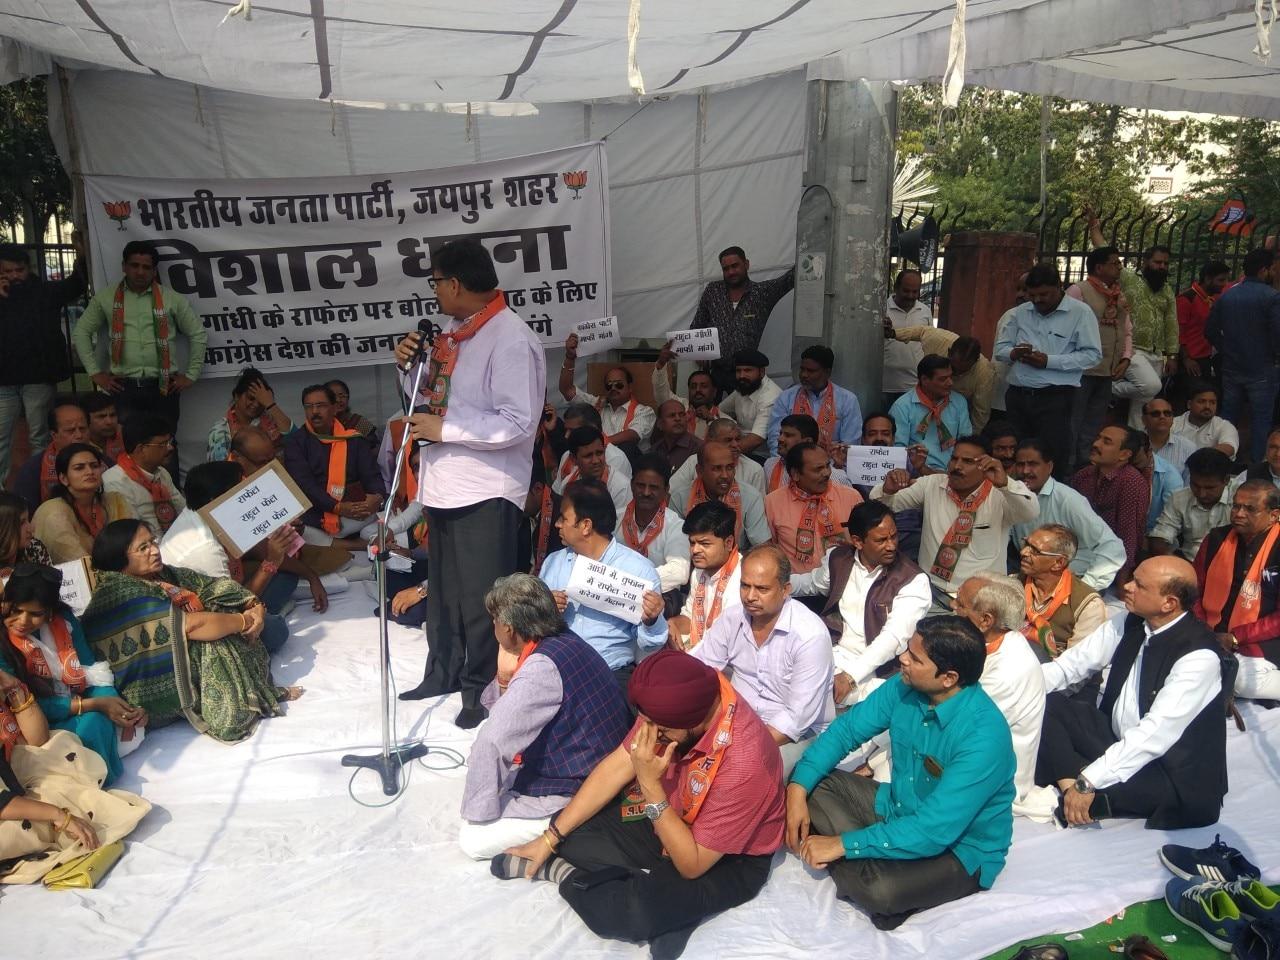 बीजेपी का हल्लाबोल : मोदी को चौकीदार चोर कहने वाले राहुल के खिलाफ खोला मोर्चा कहां जनता से मांगनी होगी माफी